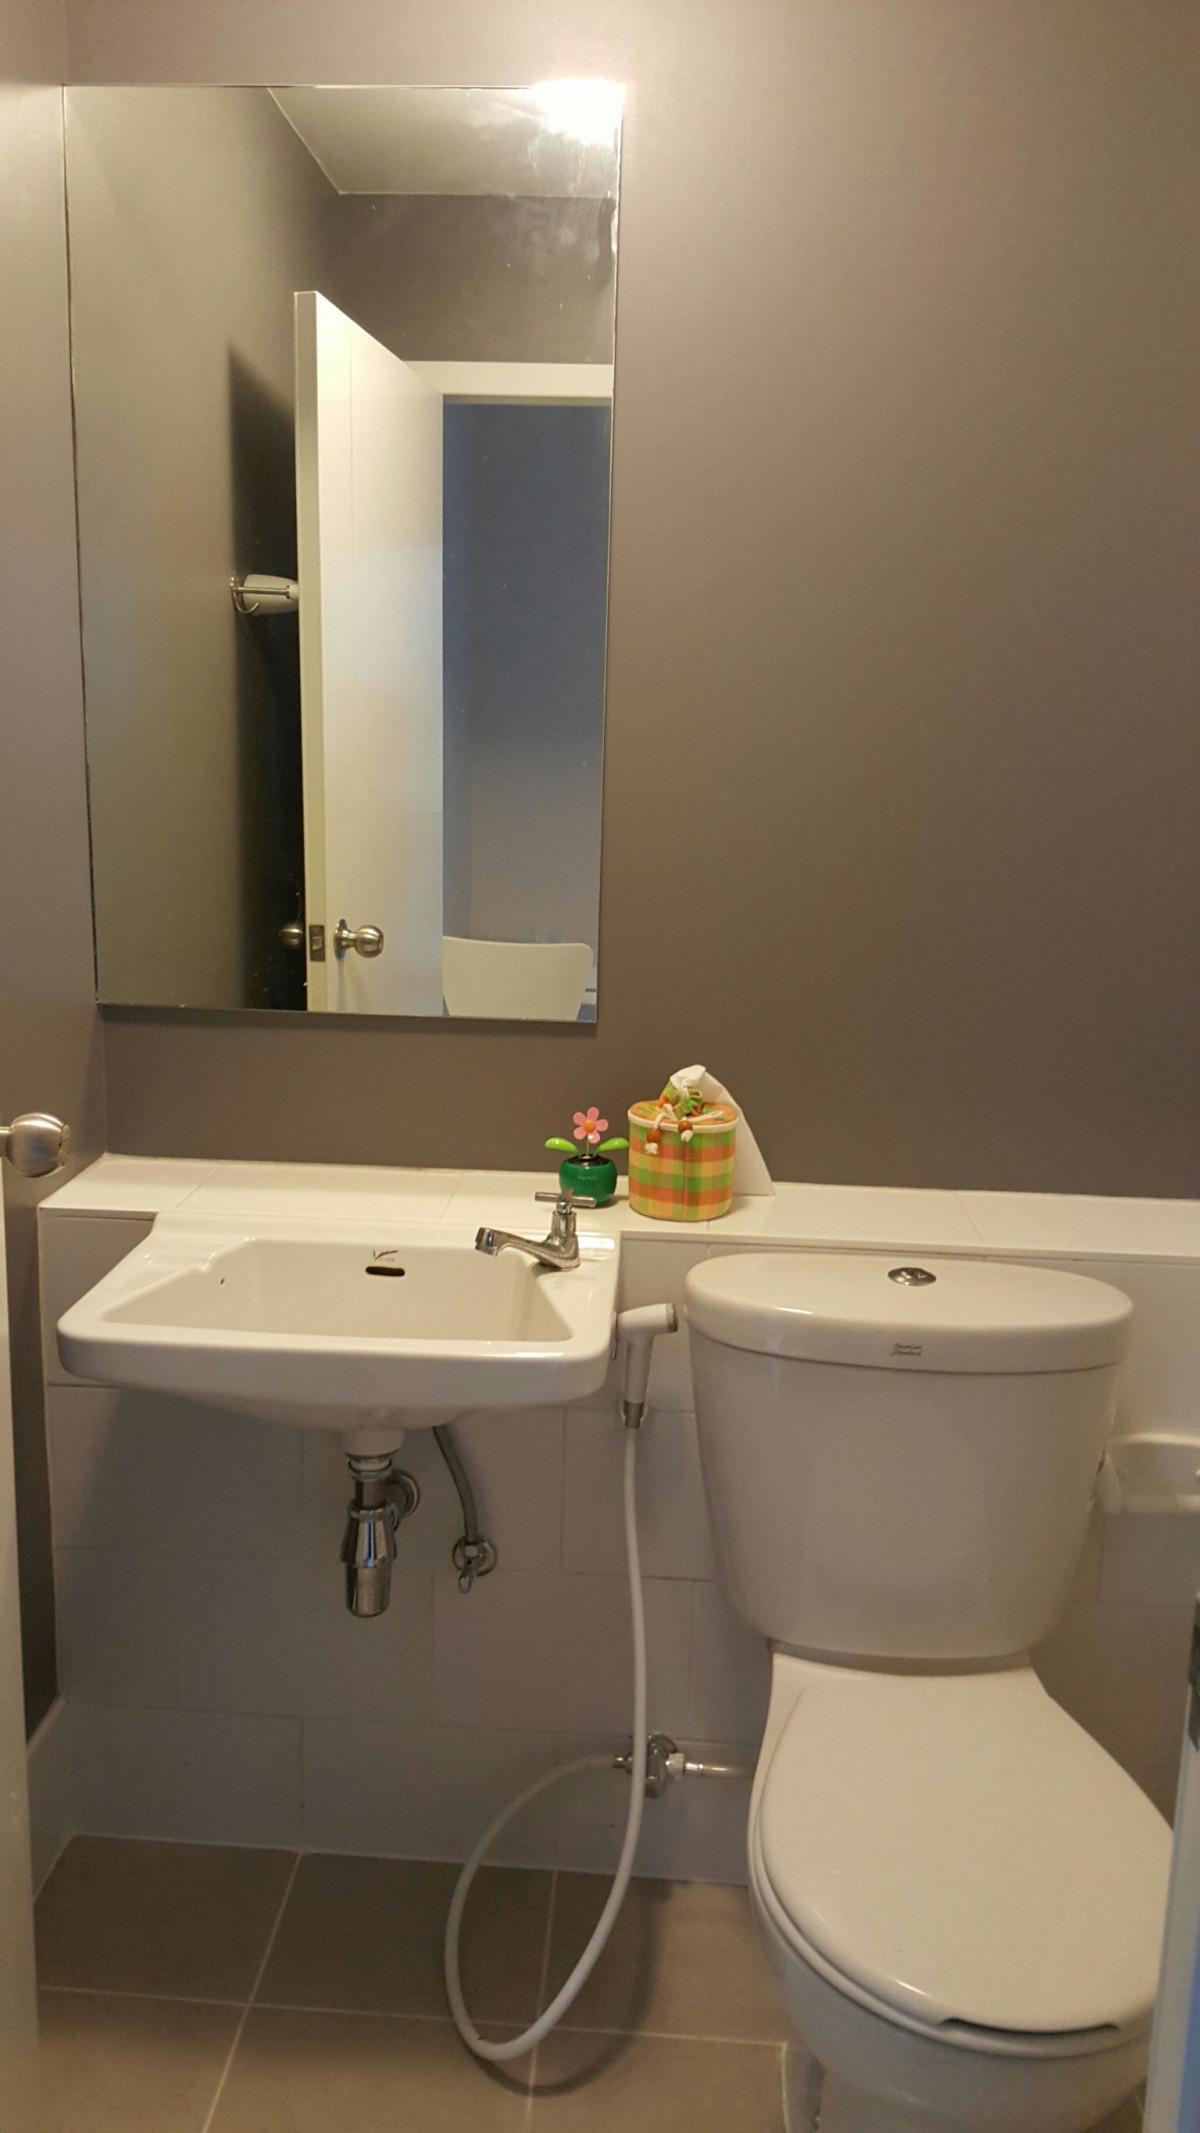 รูปของประกาศเช่าคอนโดพลัม คอนโด พาร์ค รังสิต(1 ห้องนอน)(3)